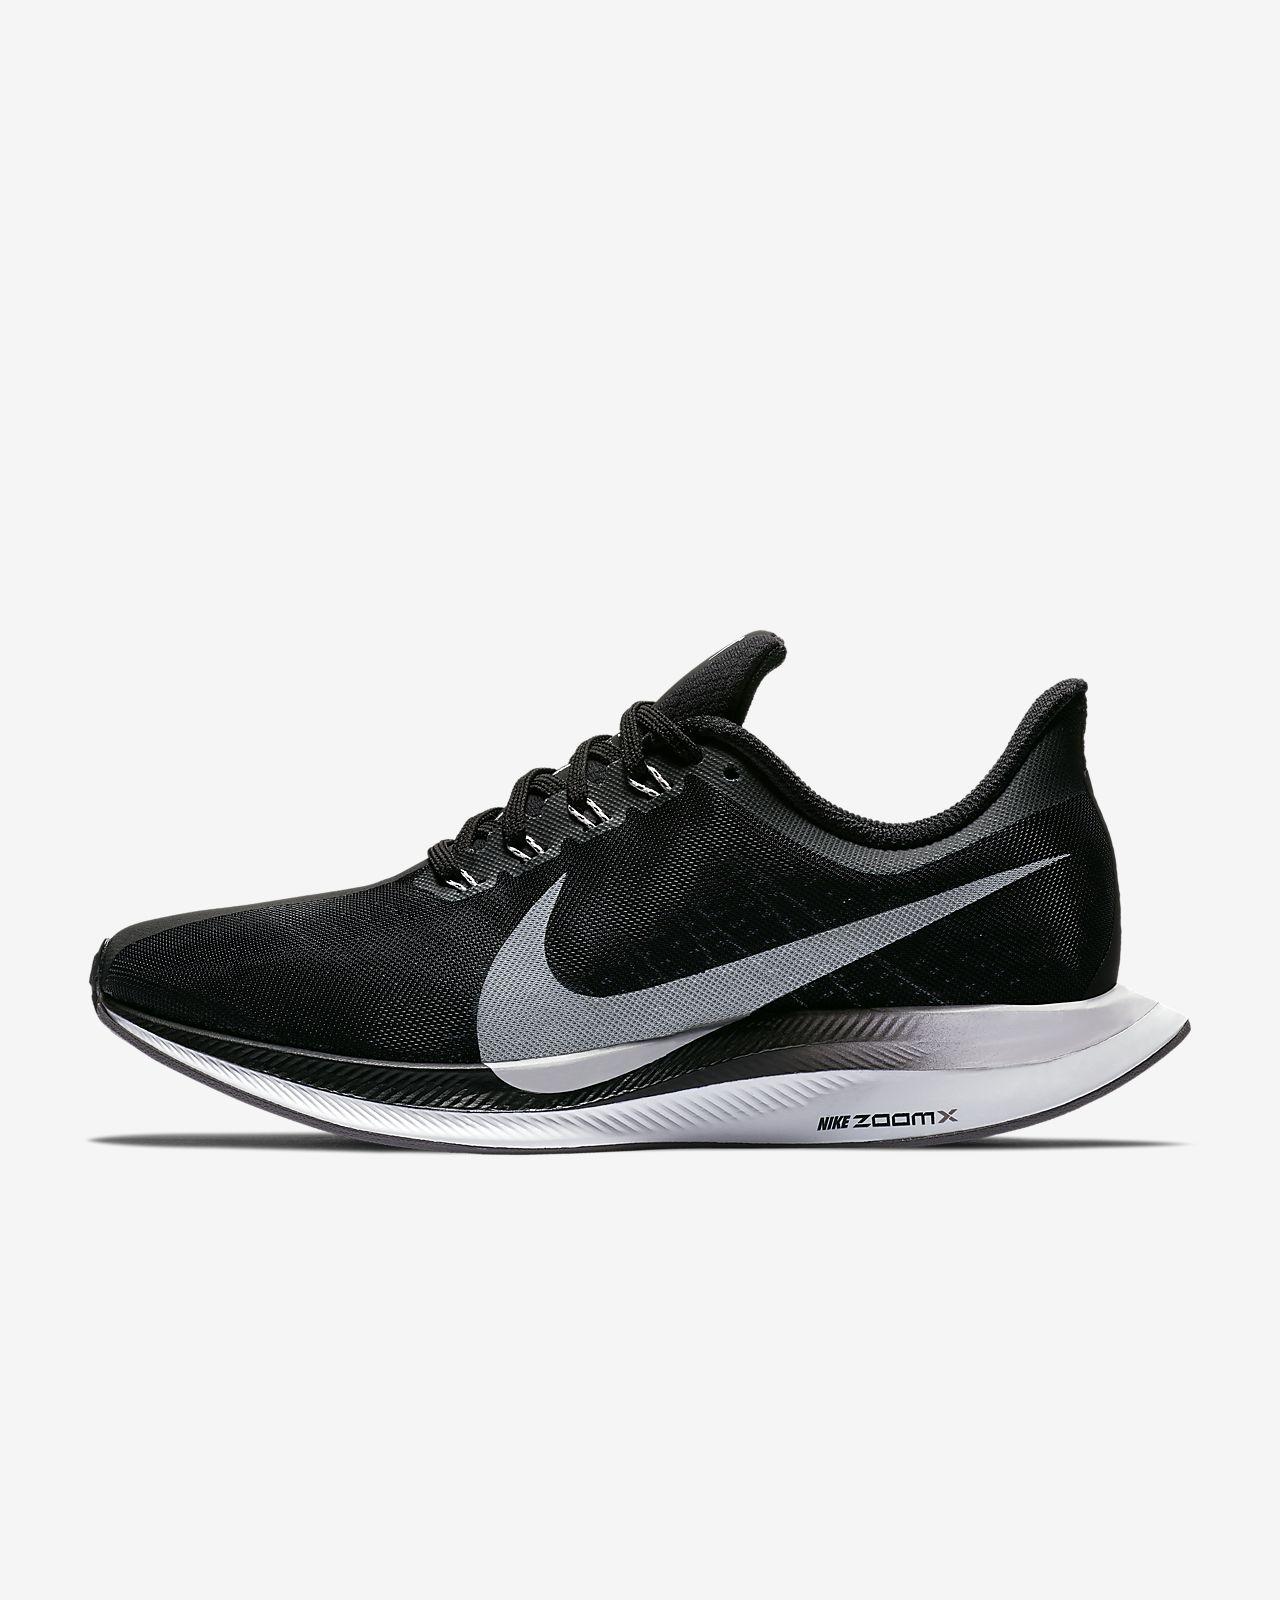 reputable site e594f e582f ... Nike Zoom Pegasus Turbo Zapatillas de running - Mujer